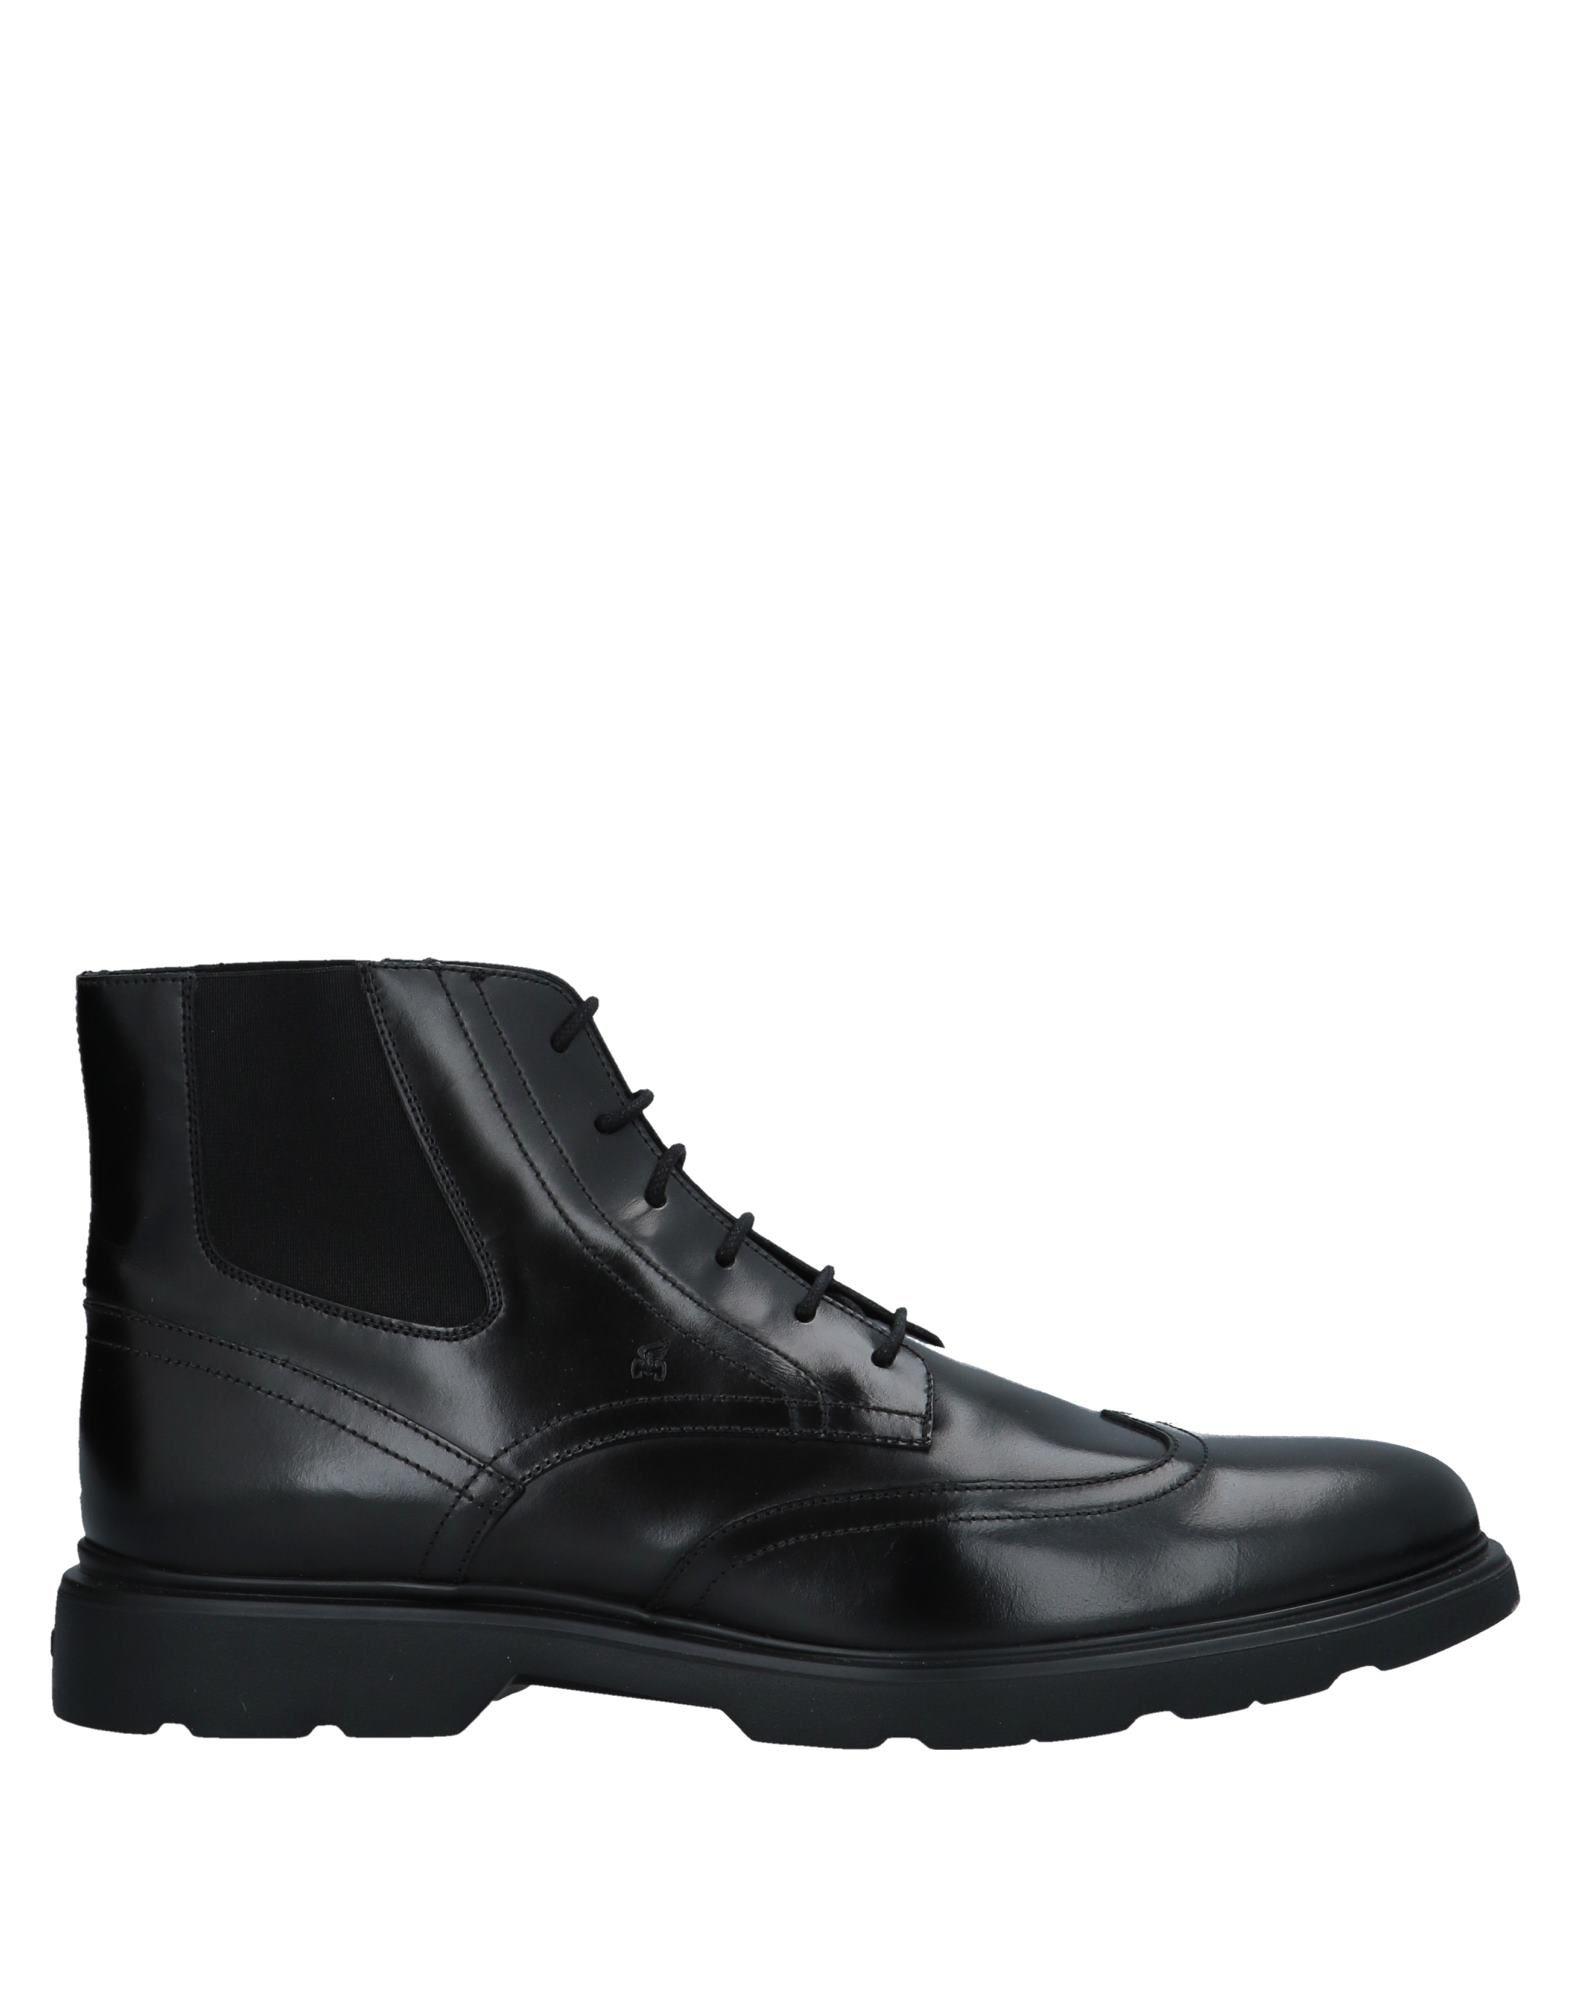 Hogan Stiefelette Herren  11536000DW Gute Qualität beliebte Schuhe